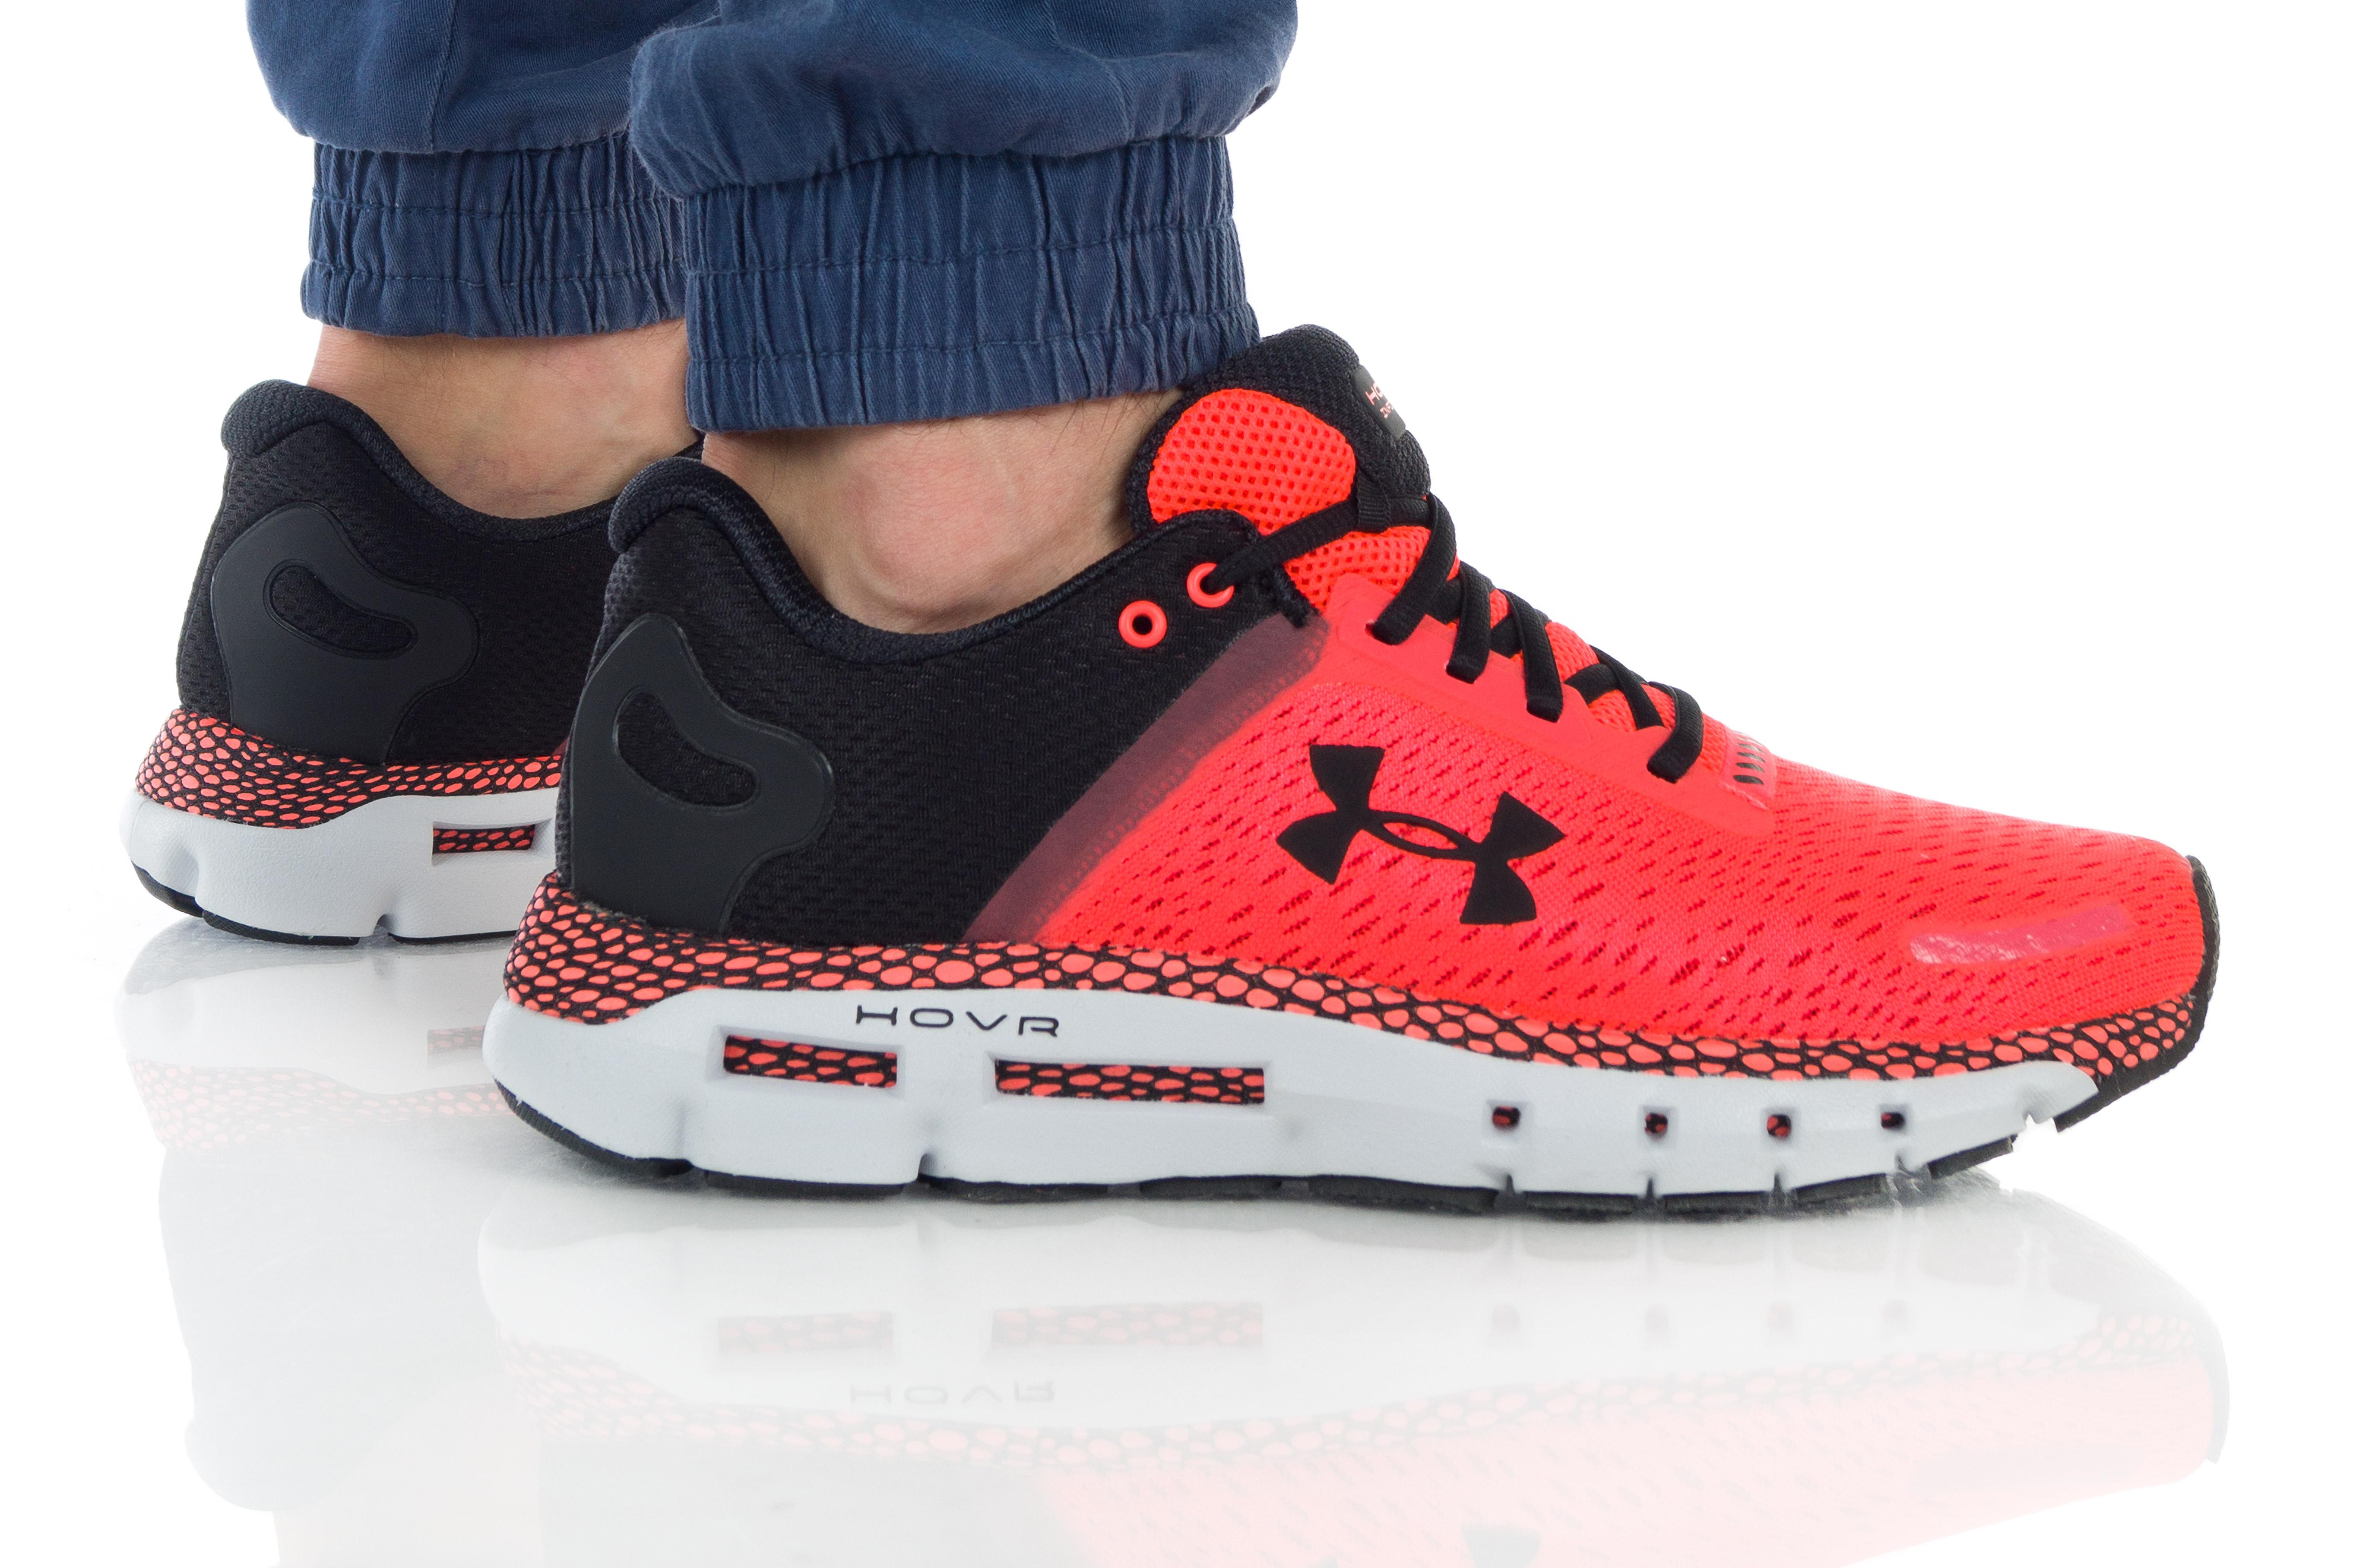 נעליים אנדר ארמור לגברים Under Armour UA HOVR Infinite 2 - אדום